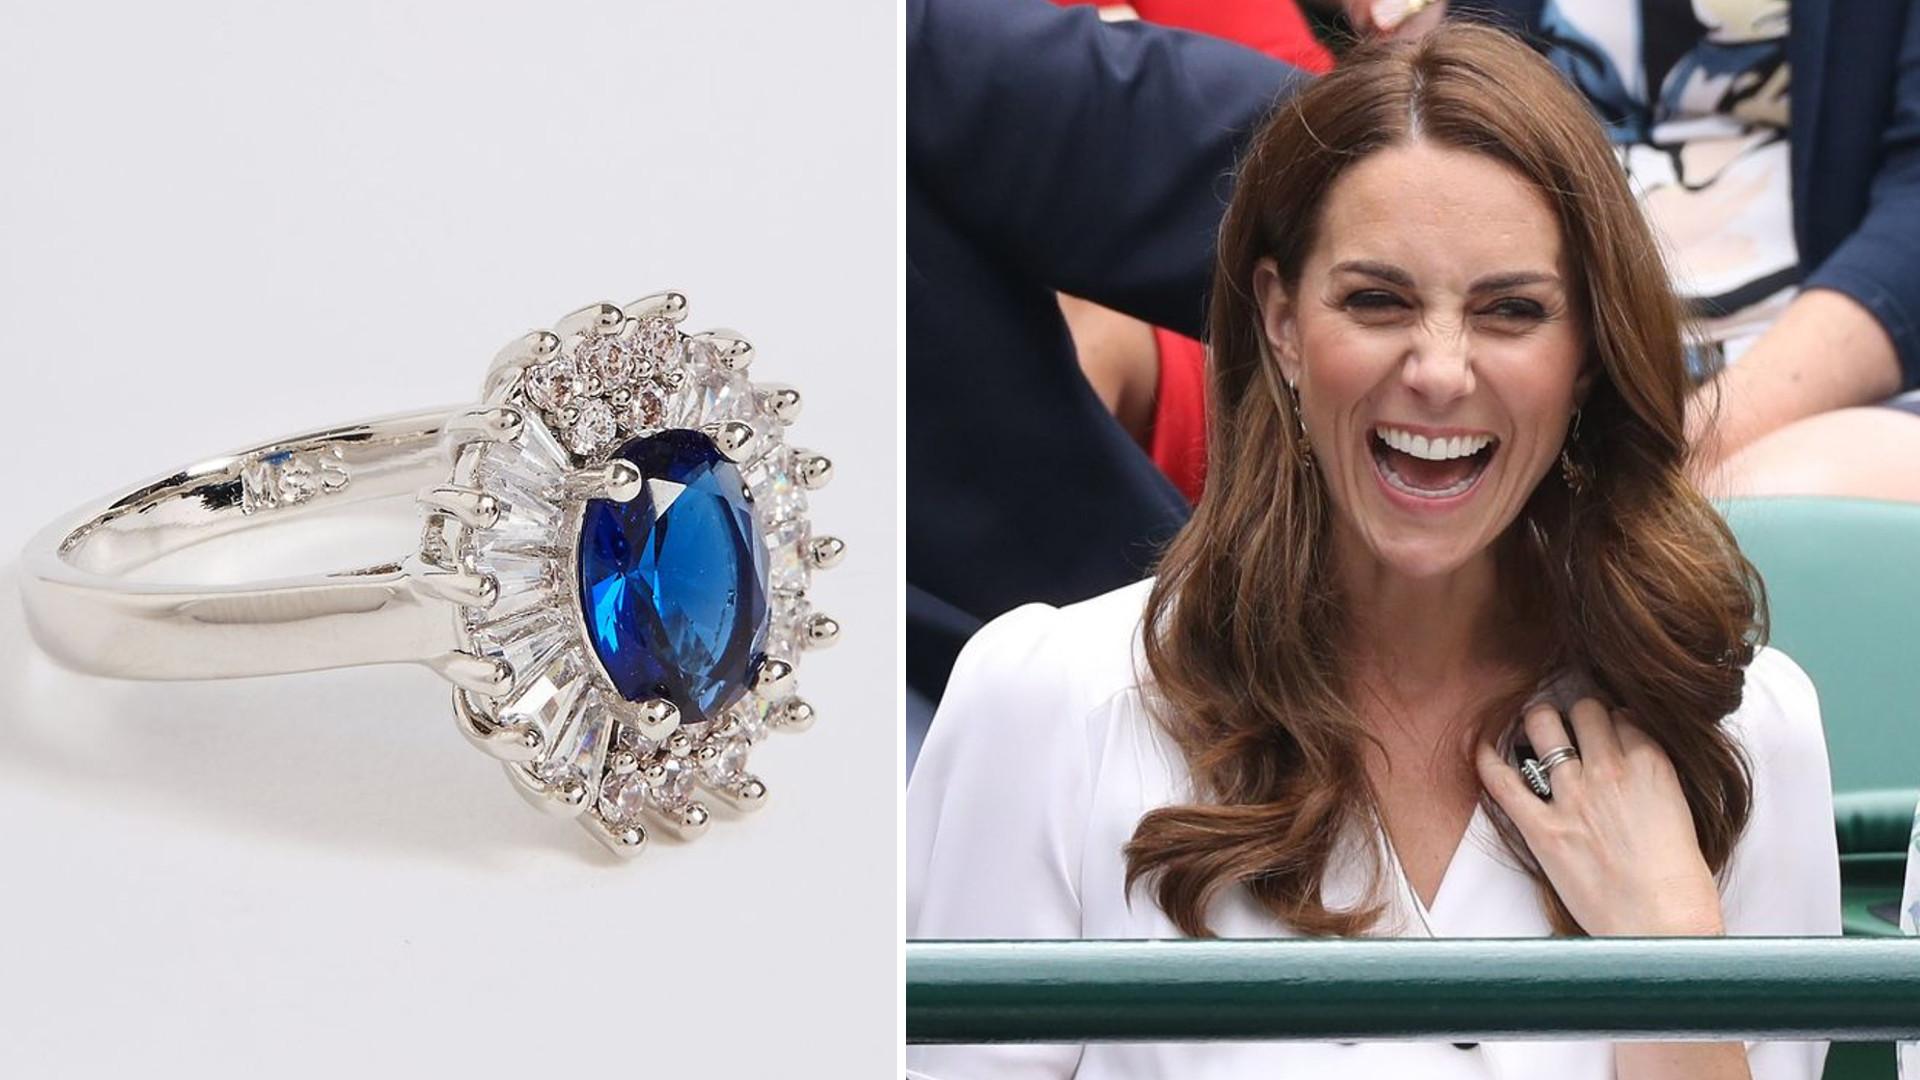 Jeśli lubisz styl Kate, możesz mieć podobny pierścionek do jej zaręczynowego